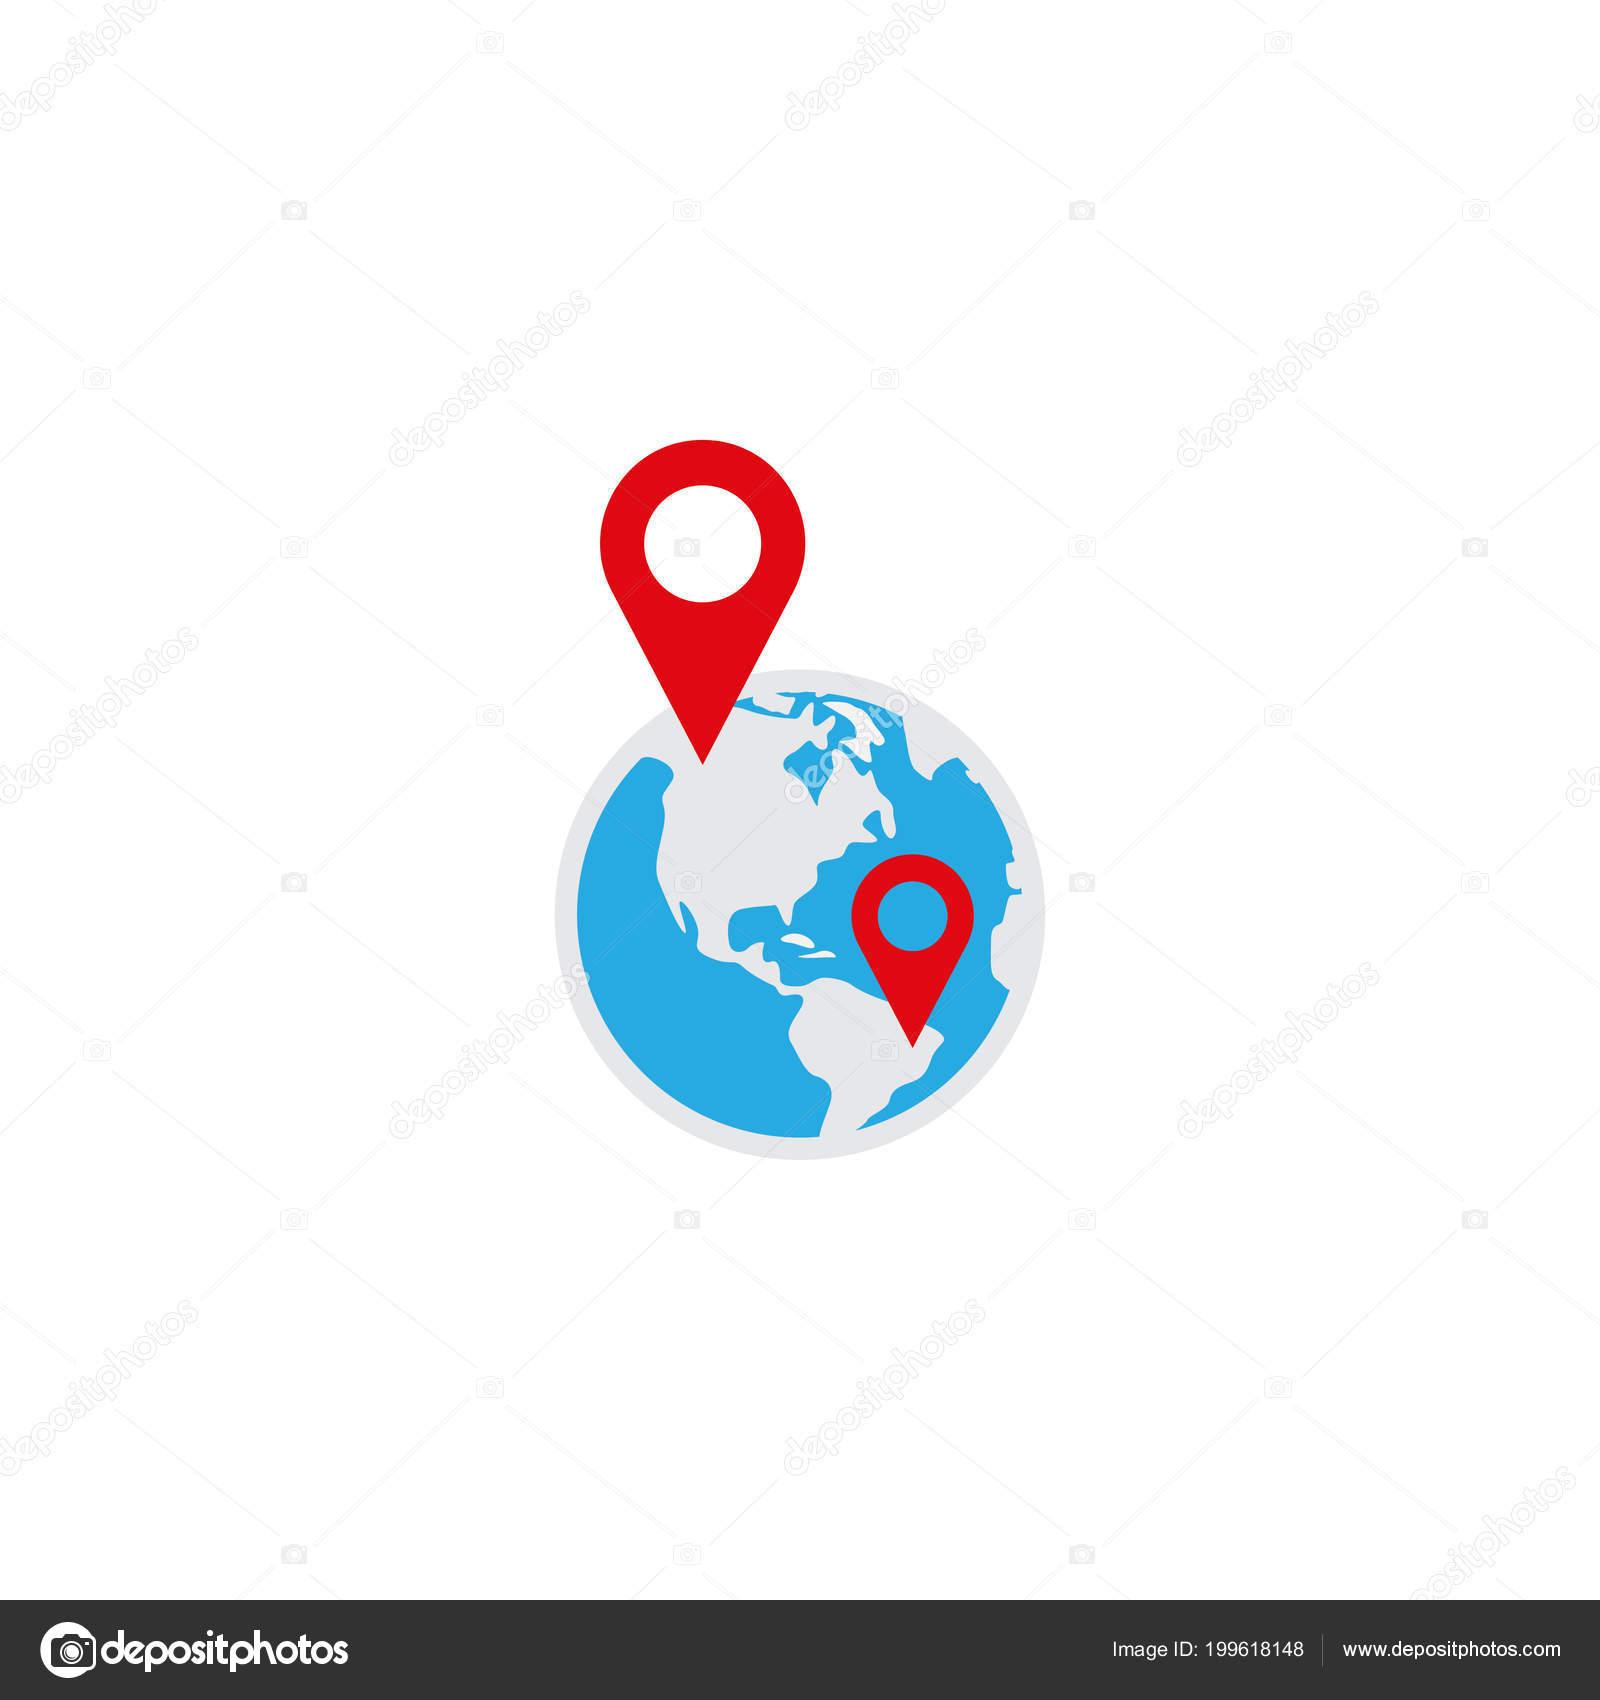 Ilustración Vector Plantilla Diseño Globo Pin Logo Icono — Vector de ...